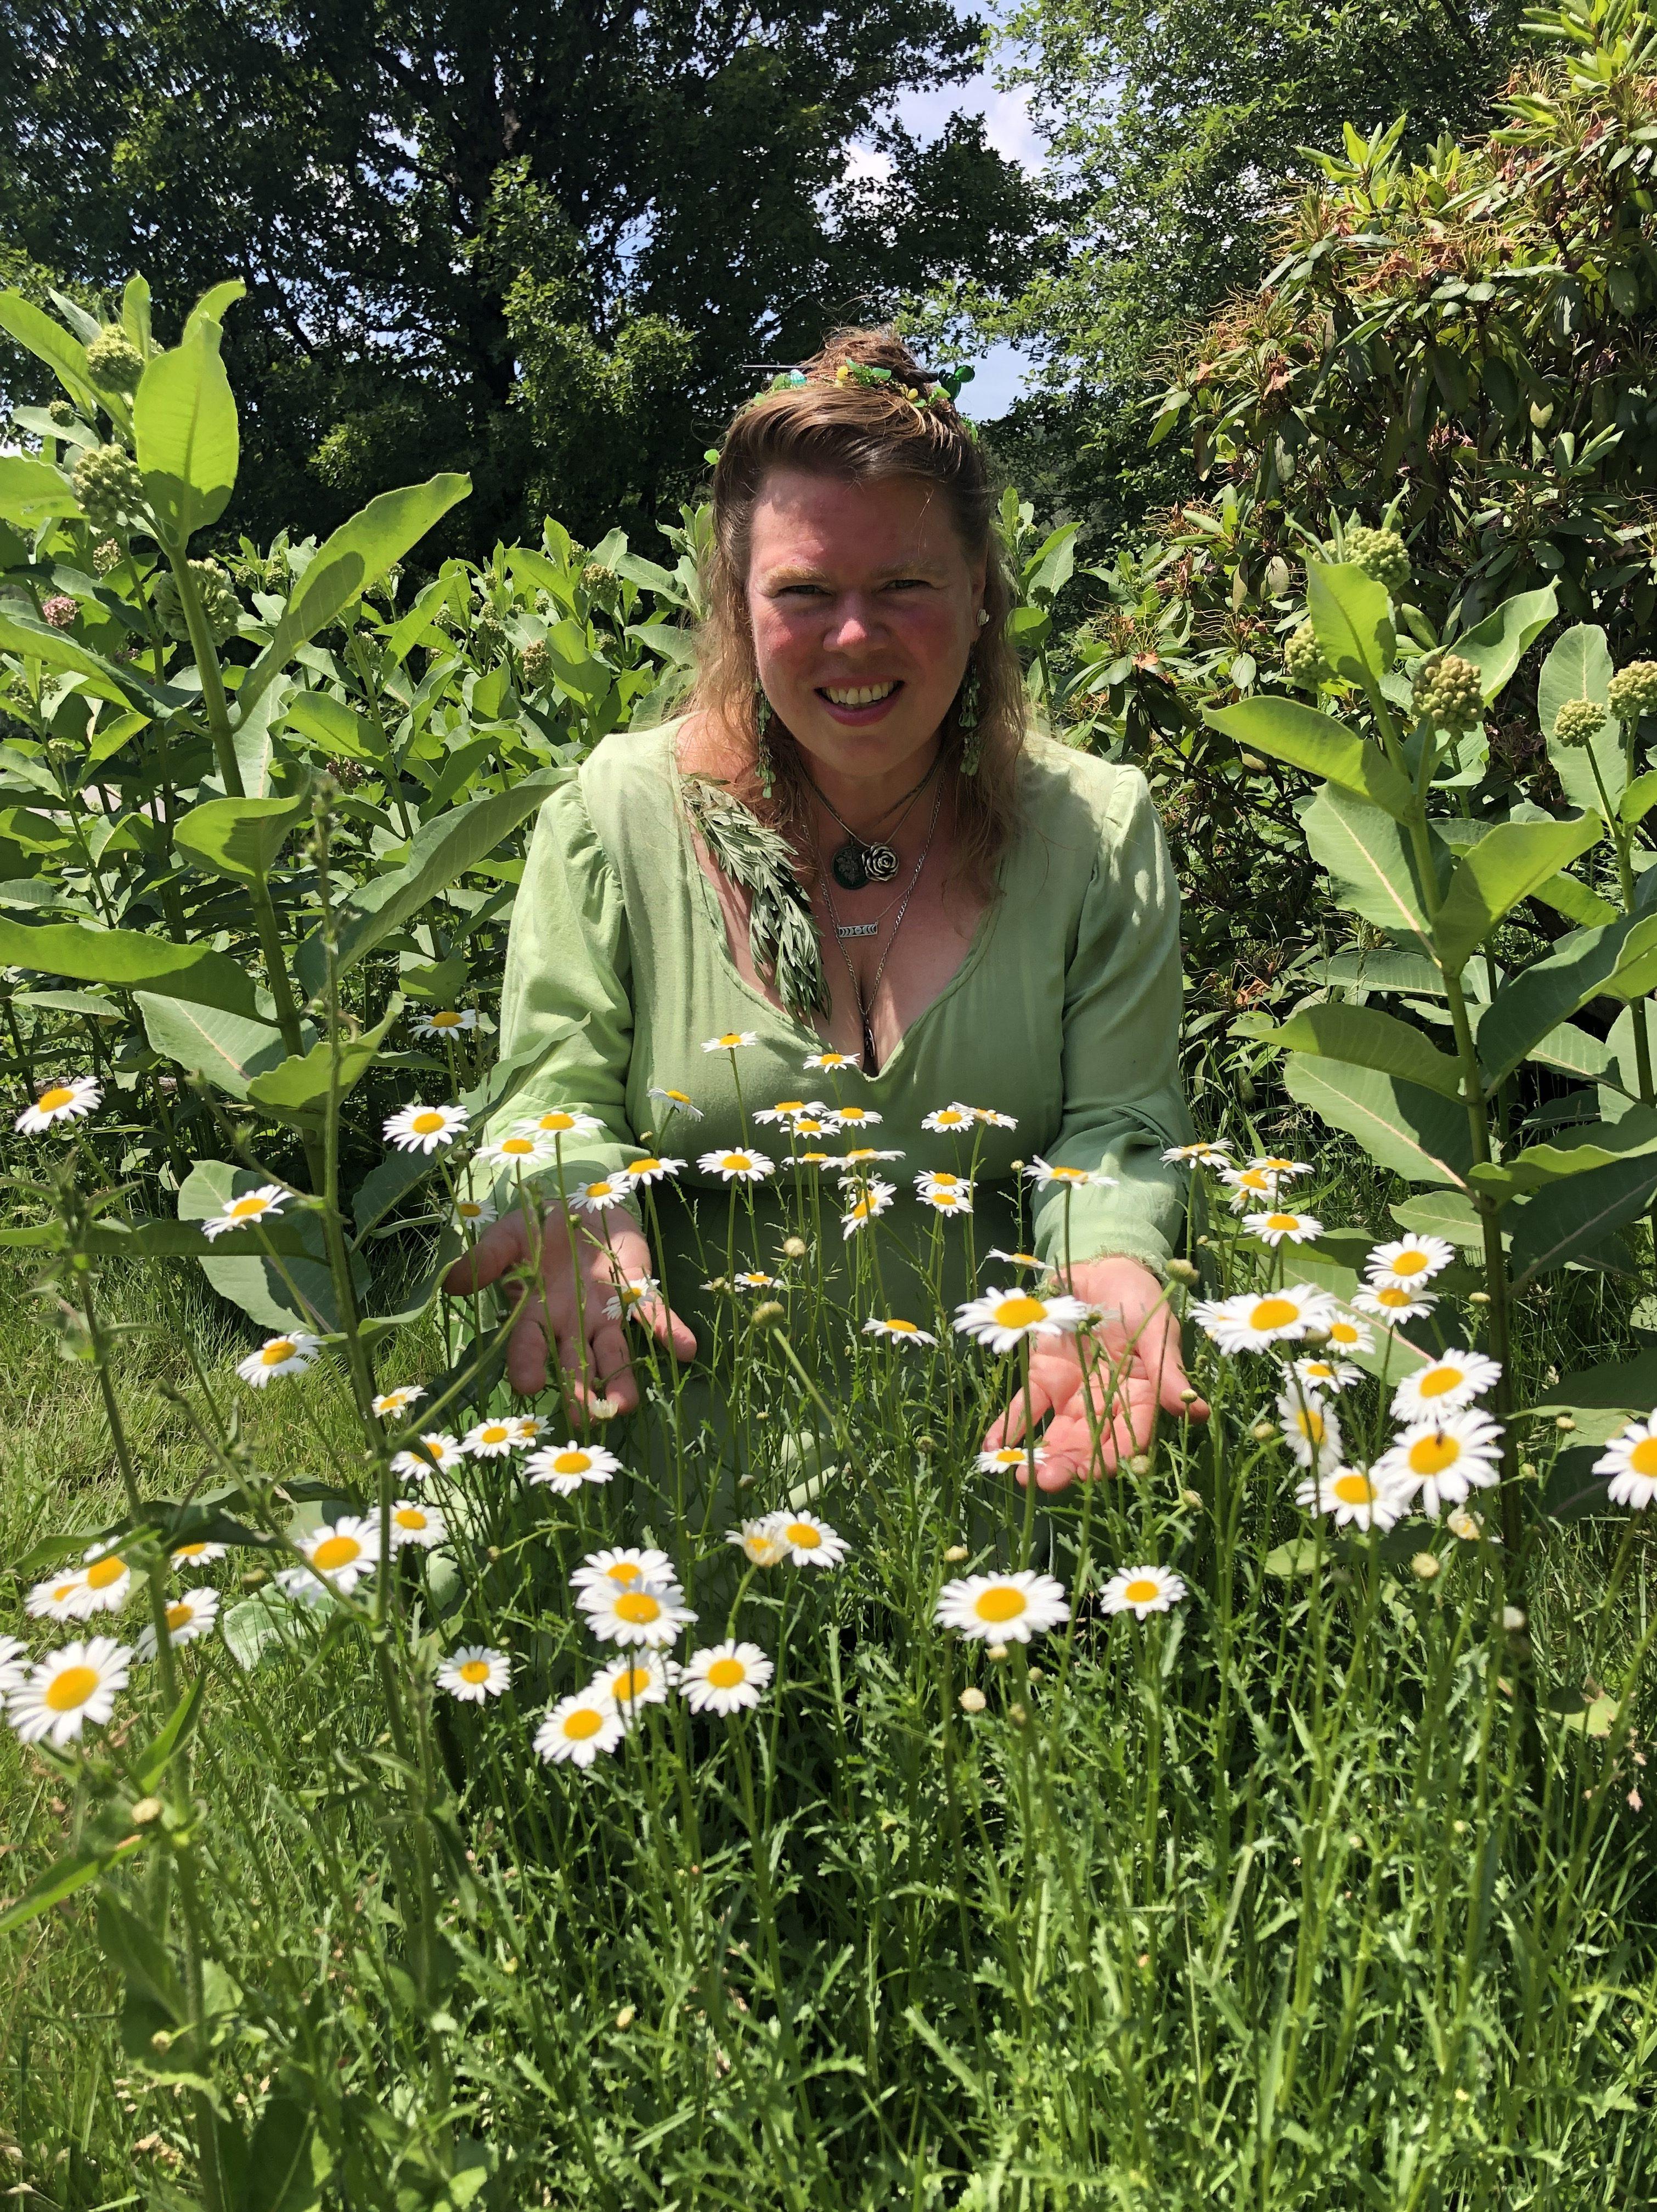 Arianna among the ox-eye daisies and milkweed